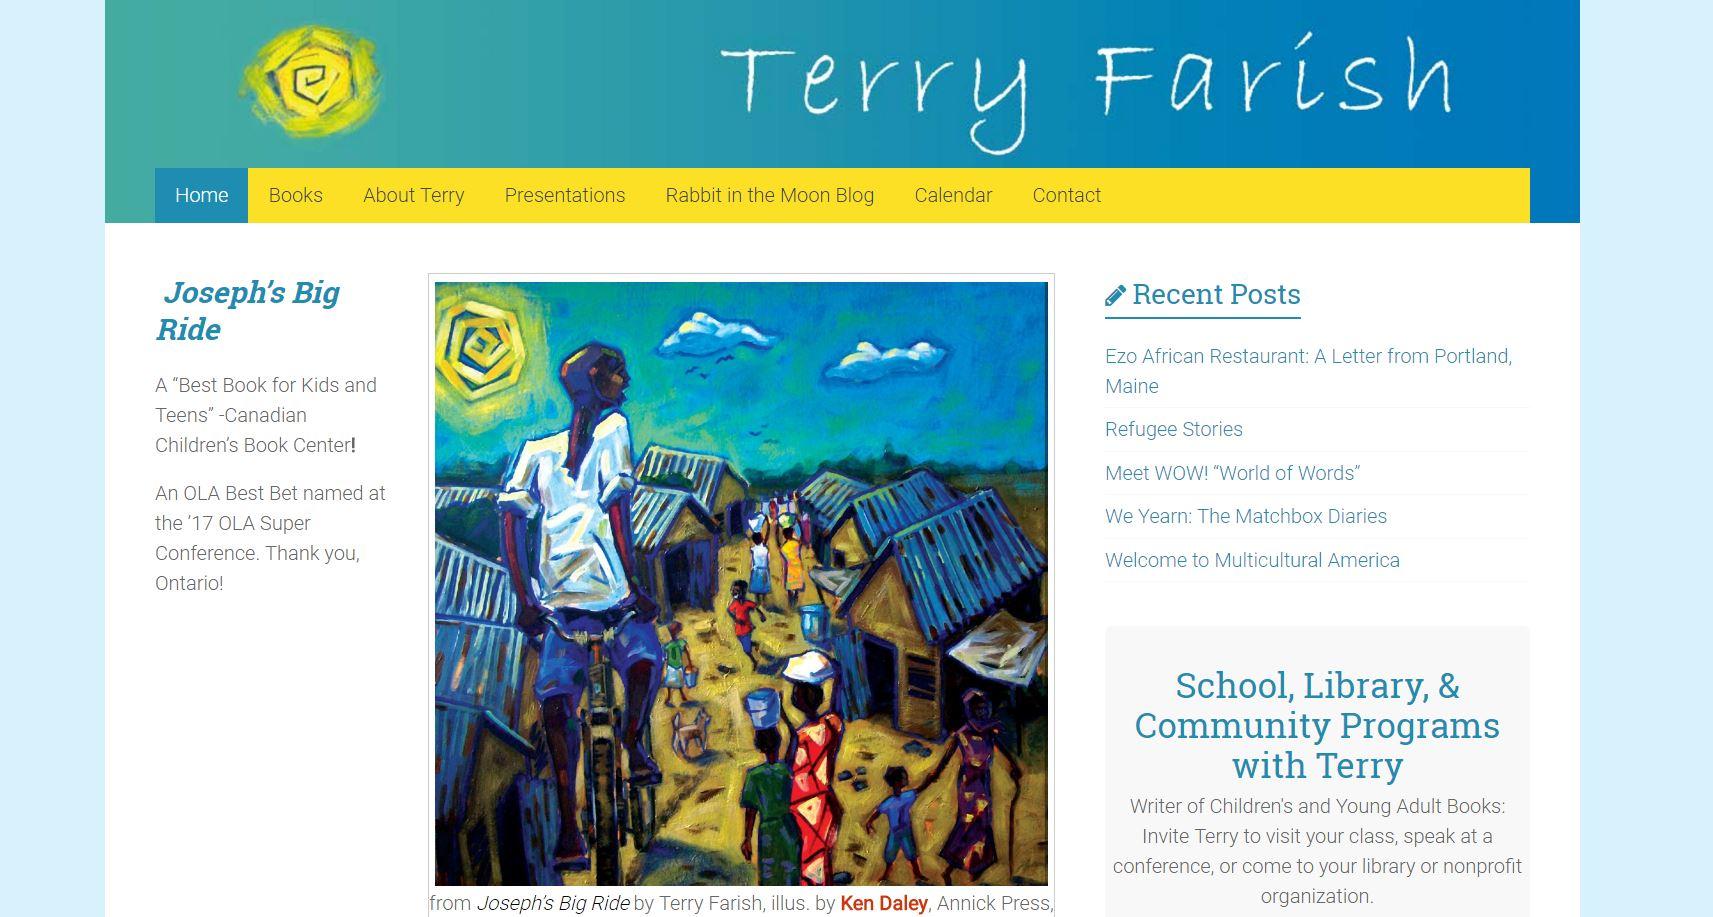 Terry Farish